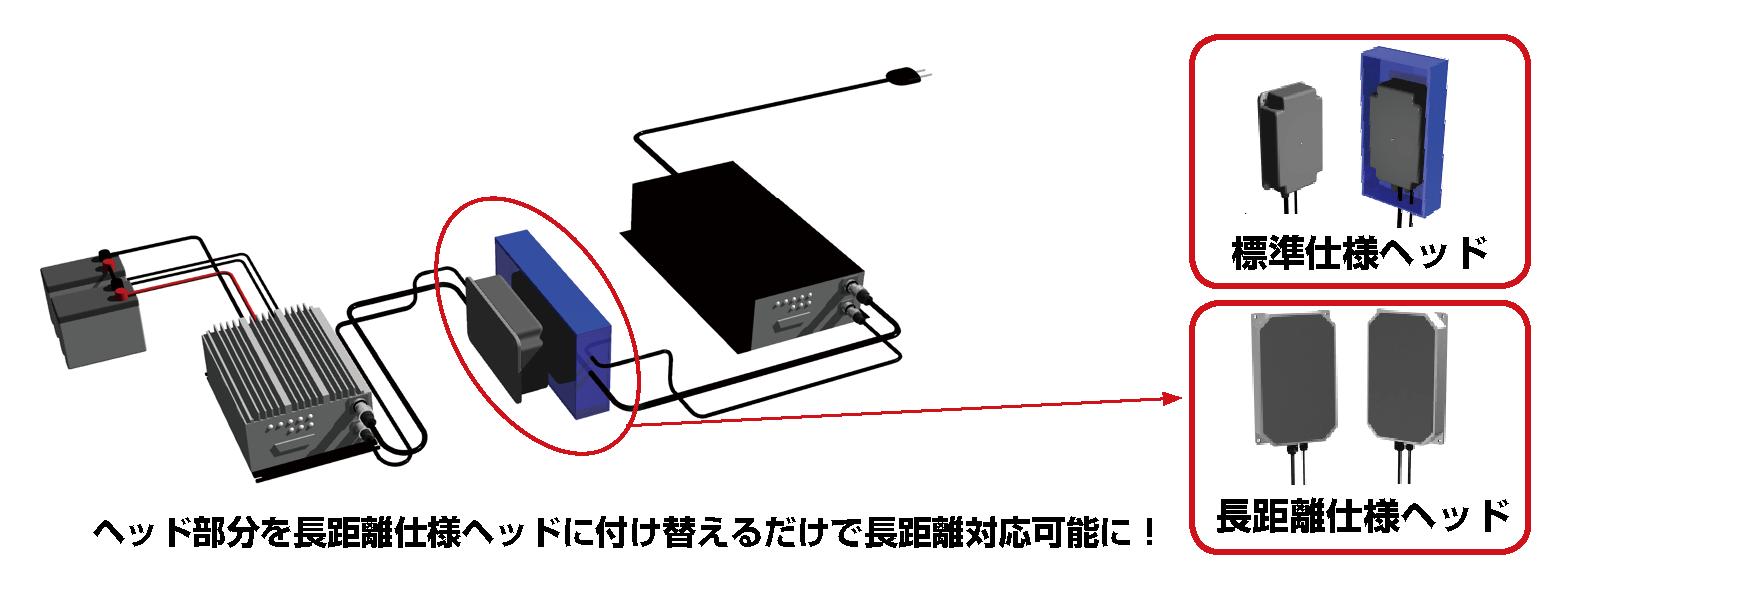 伝送距離を40mmまで伸ばしたいときは、長距離ヘッド仕様のセンサに付け替えるだけでいい!簡単に長距離対応可能になります。